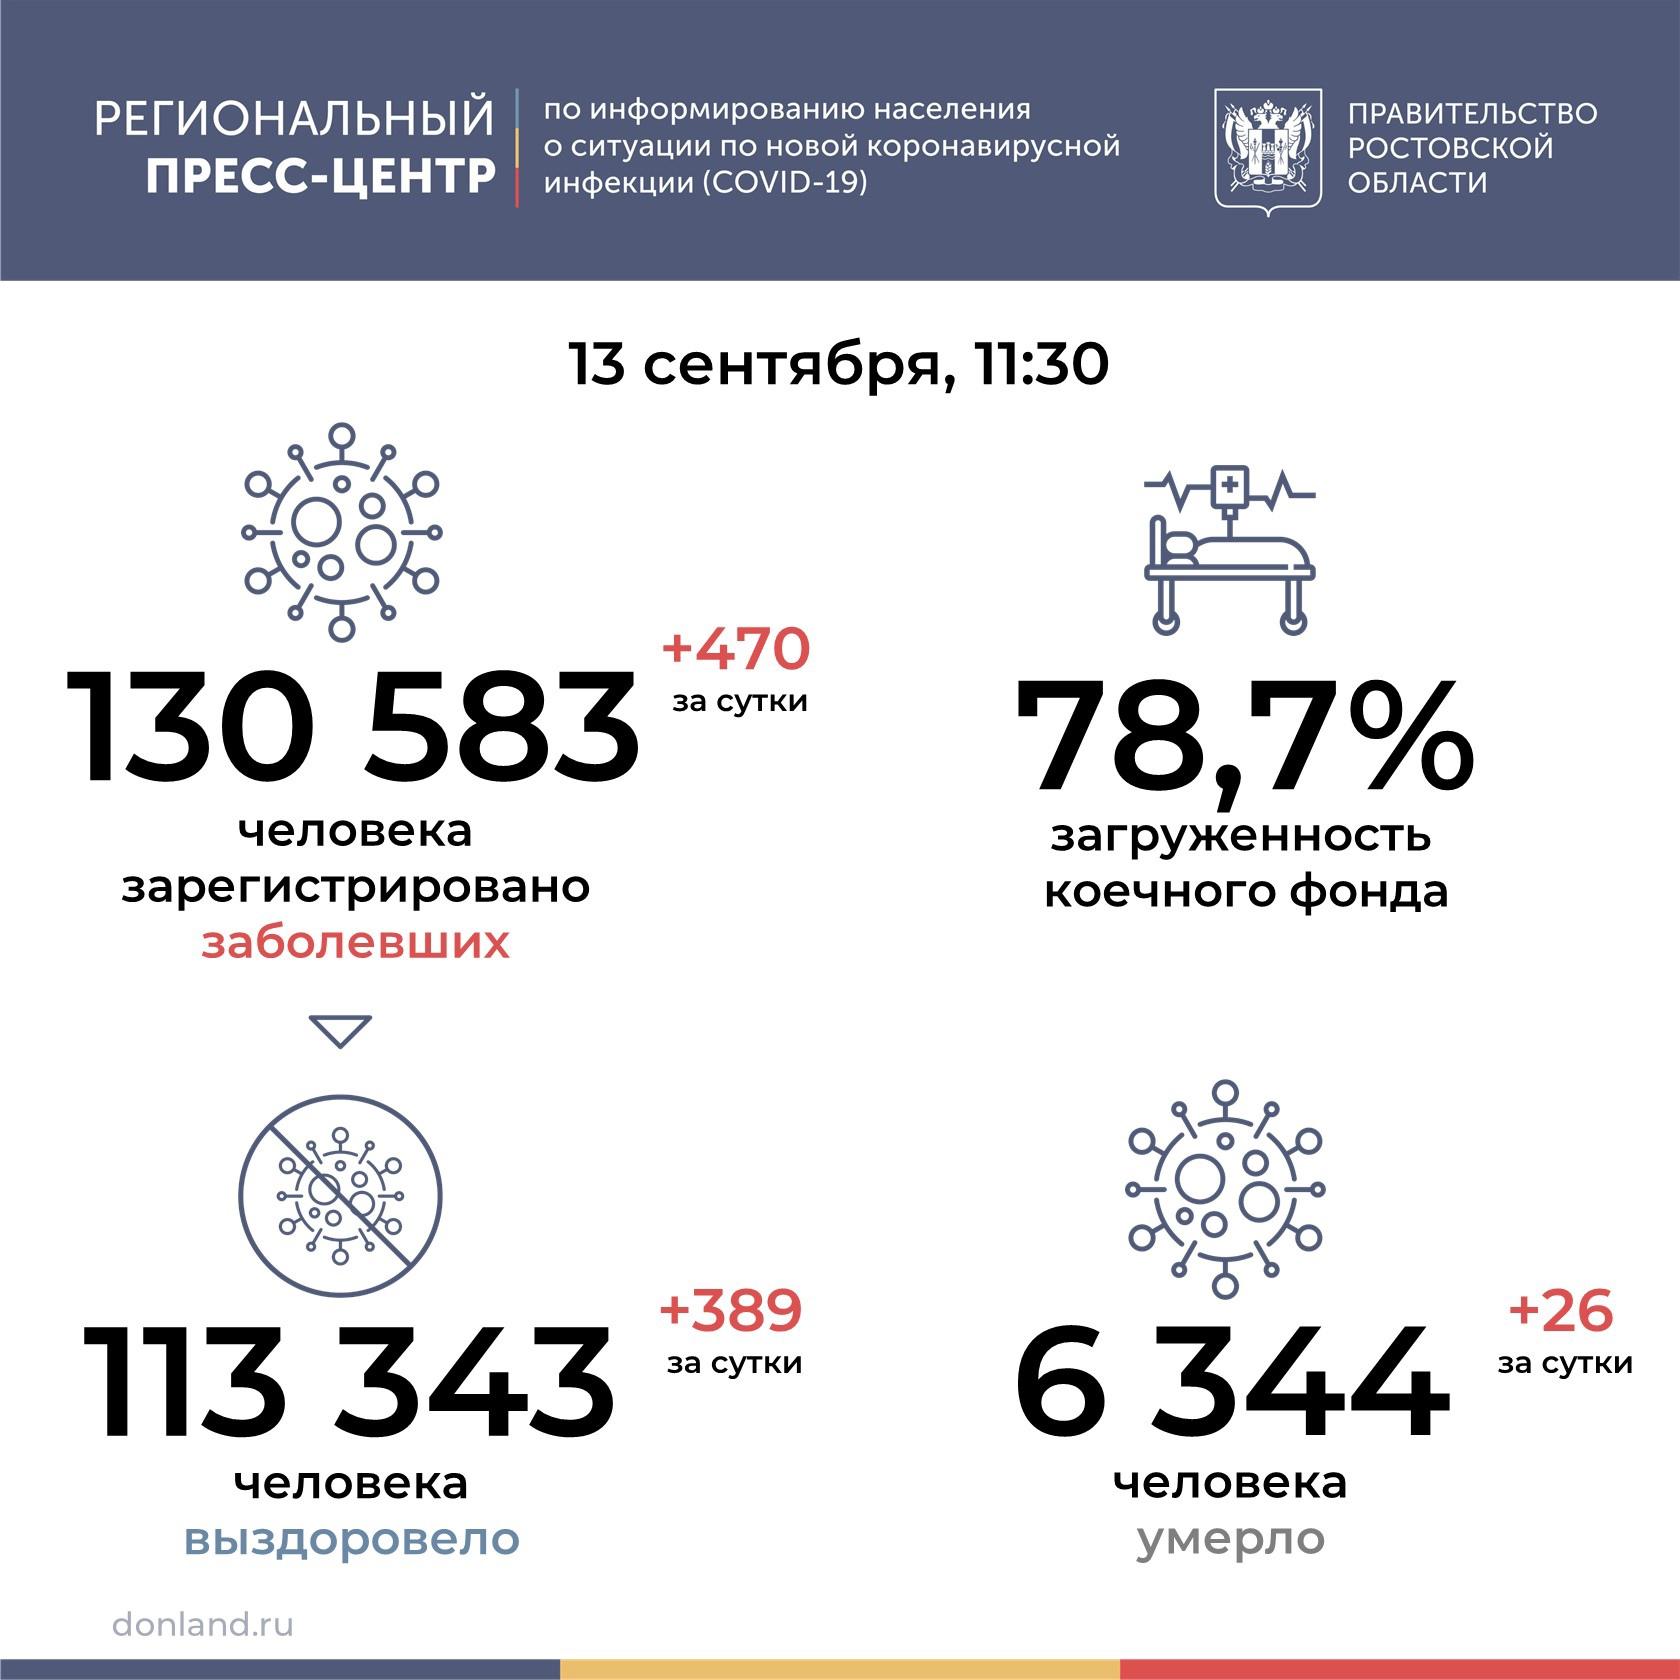 В Ростовской области от COVID-19 умерли 26 человек